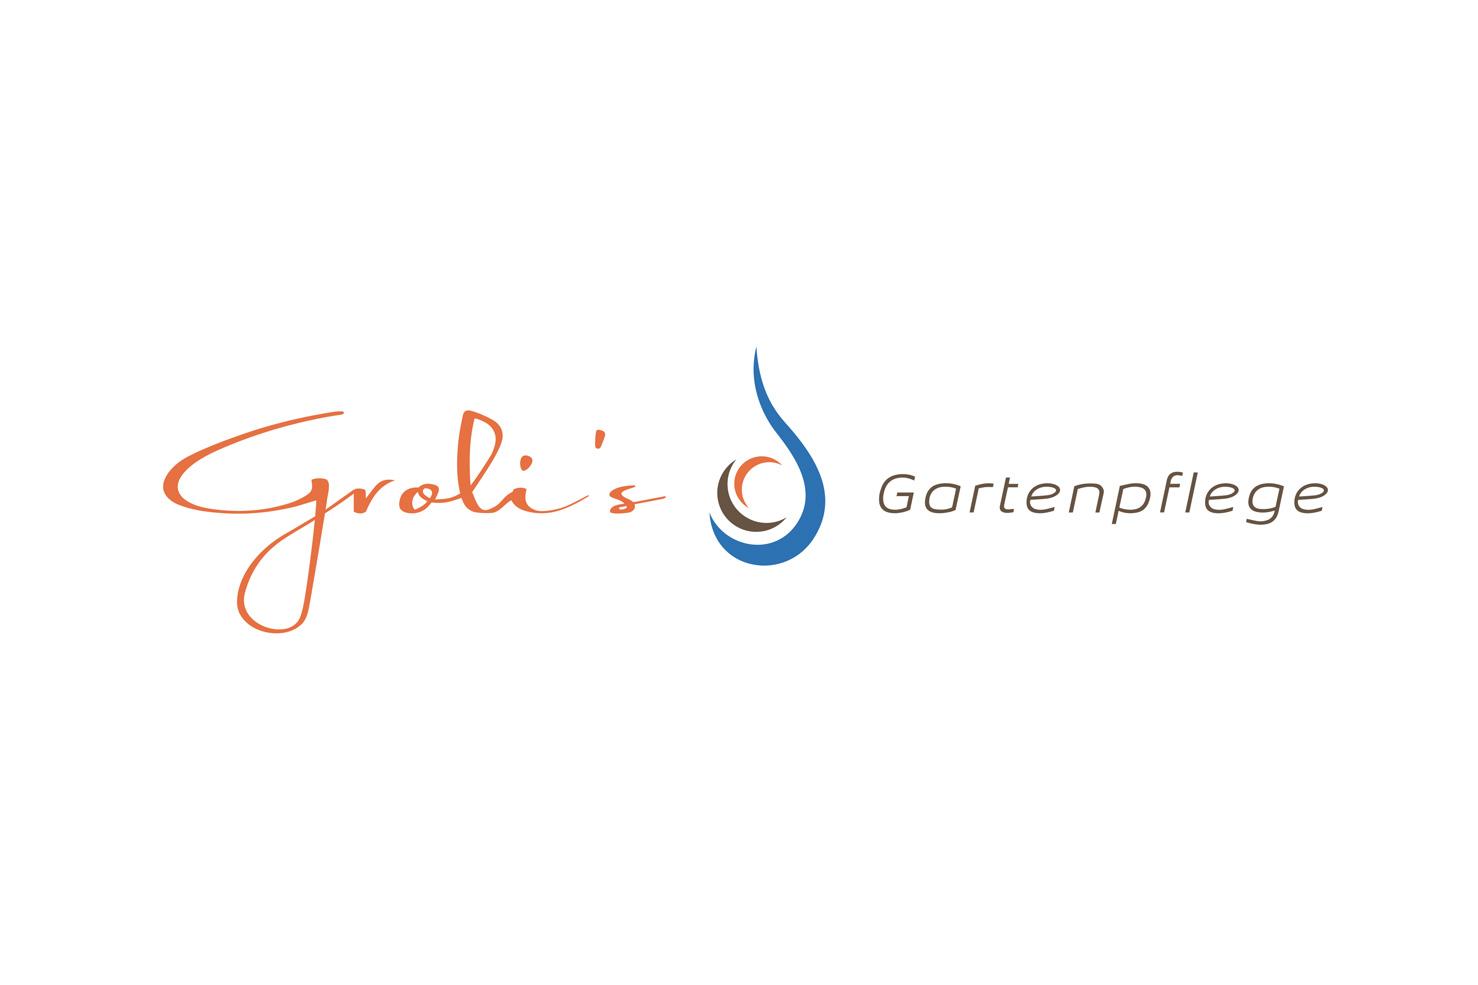 Bild 2 vom Groli's Gartenpflege Grafikdesign